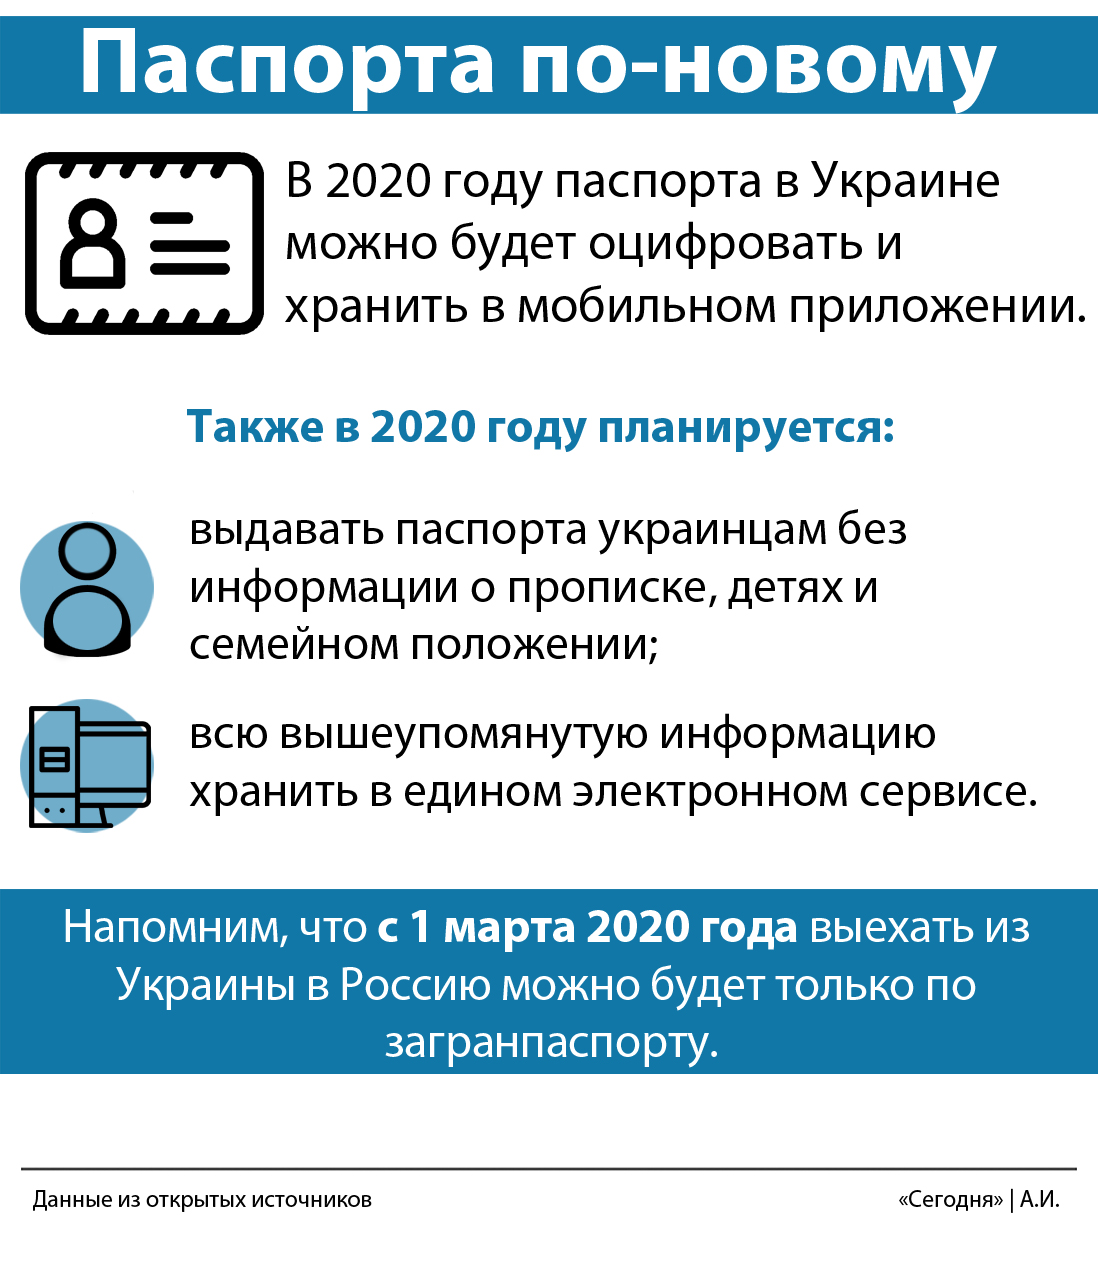 https://www.segodnya.ua/media/image/5e3/019/450/5e3019450ec5a.jpg